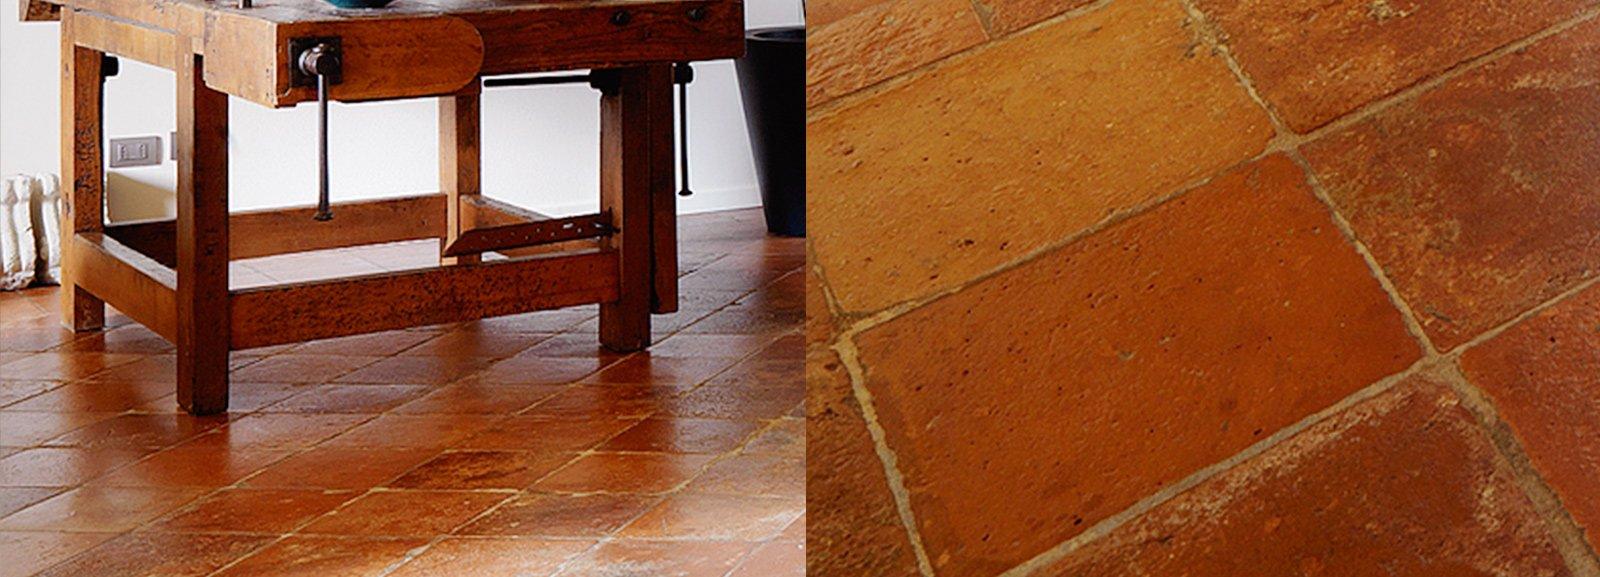 Prodotti Per Pulire Cotto Esterno pavimento in cotto, fascino senza tempo: lavaggio, prodotti